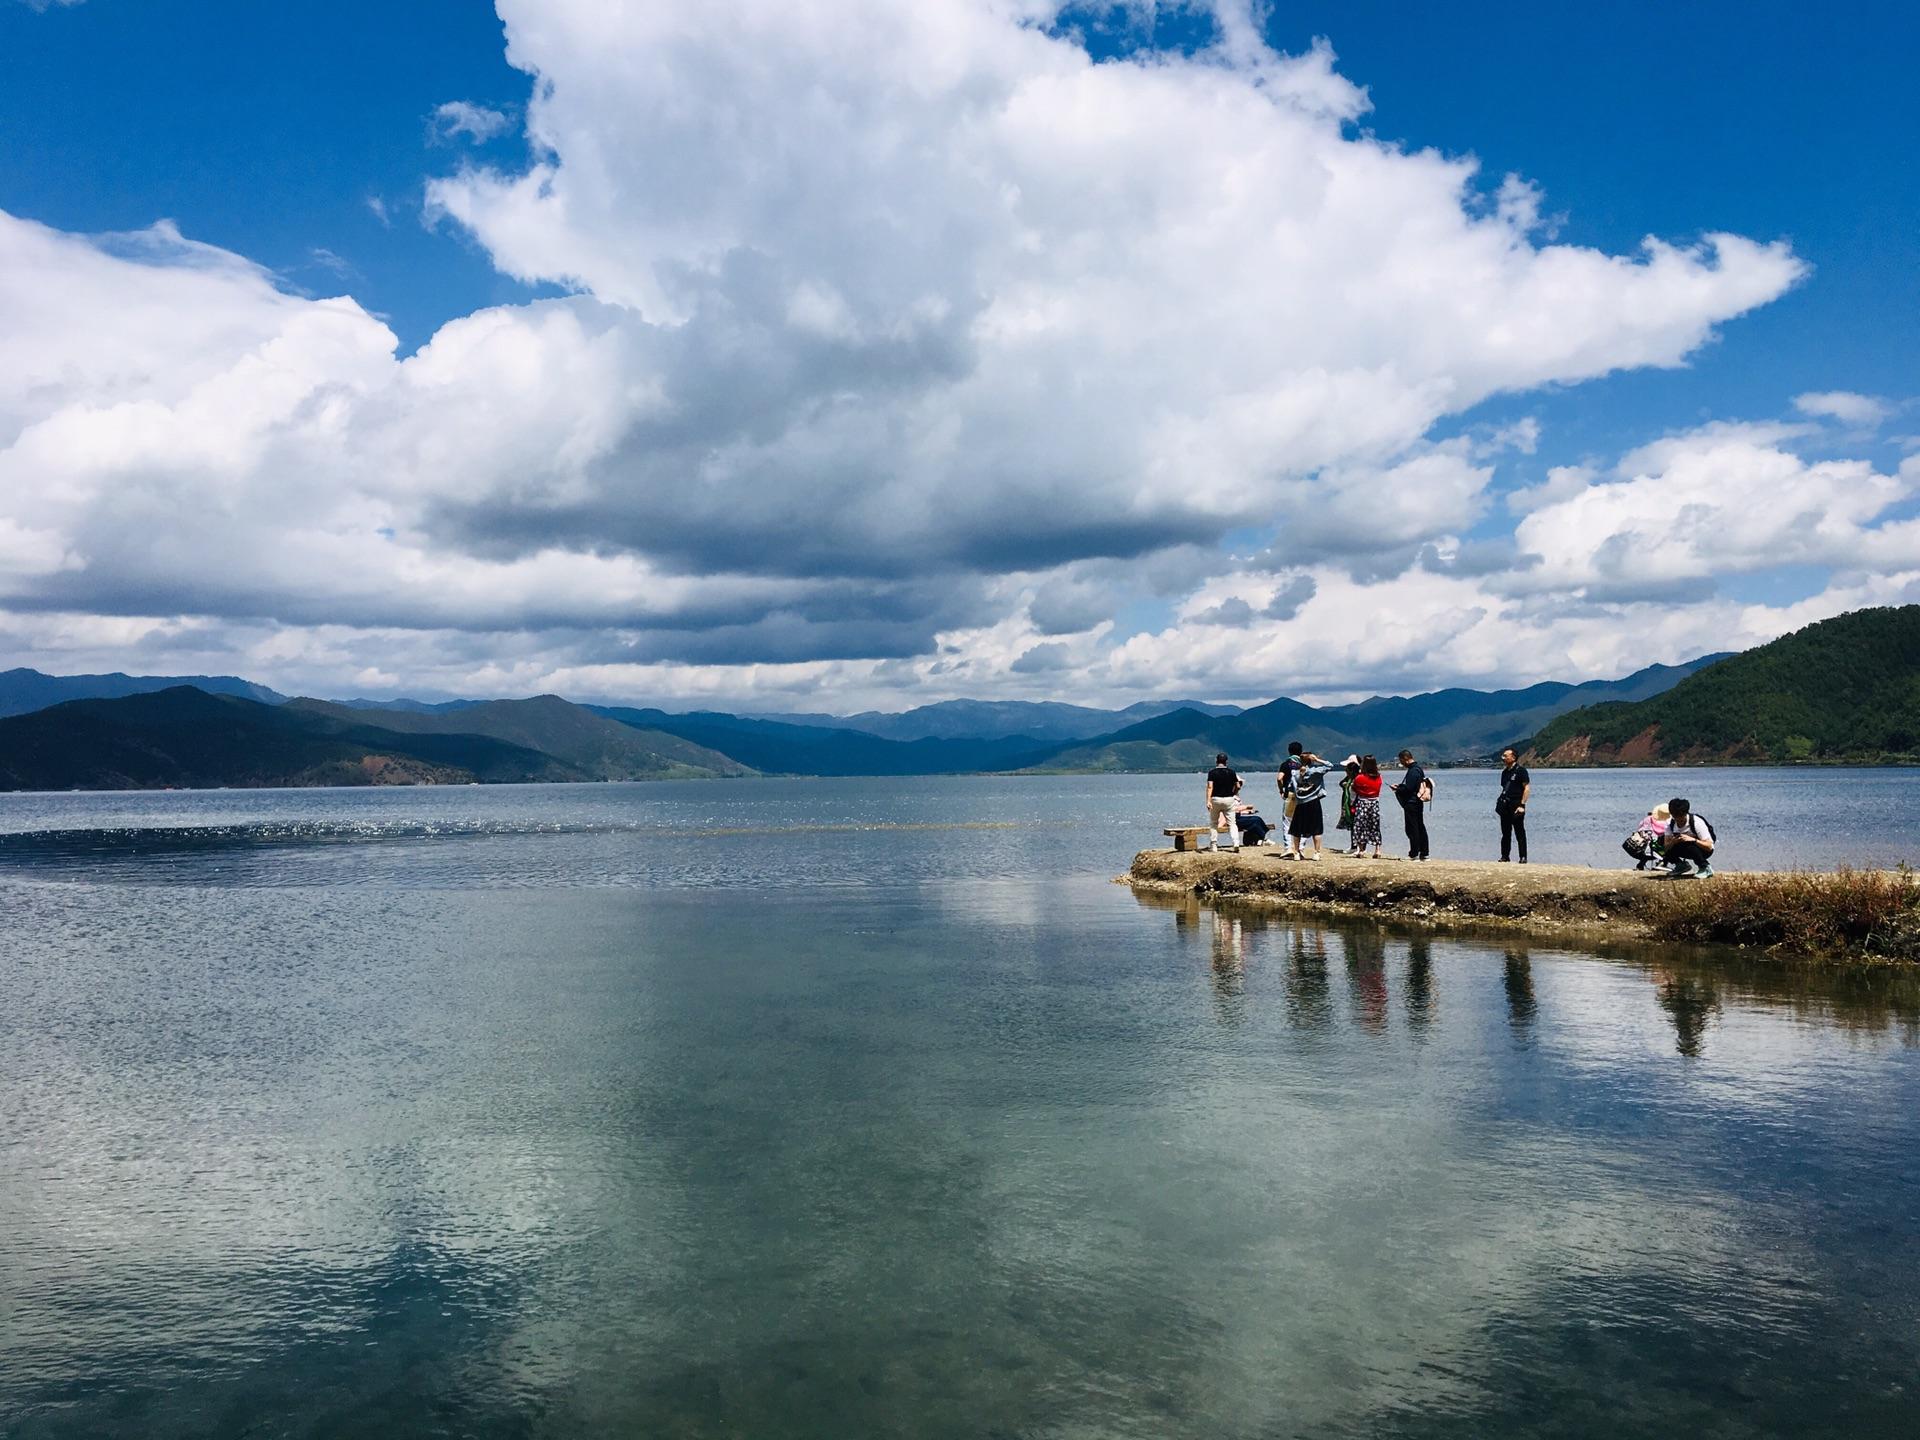 遇见最美泸沽湖~寻找心中的香格里拉